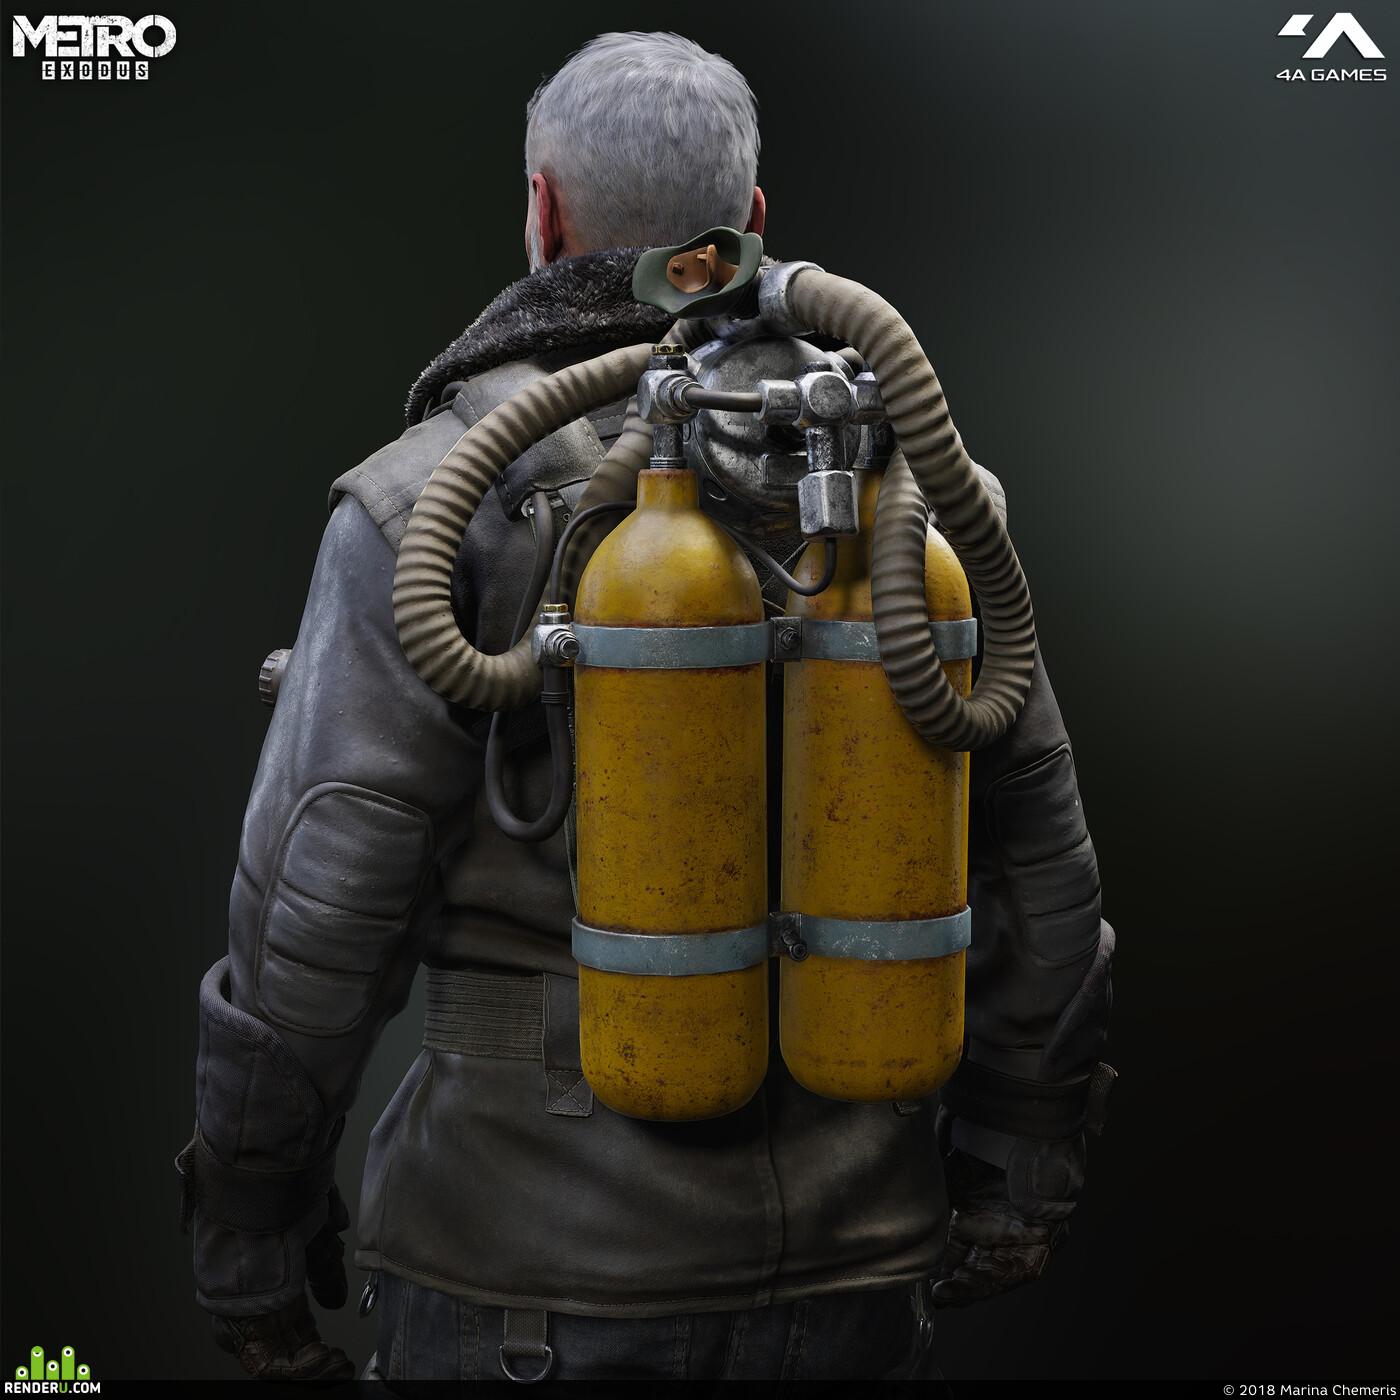 3d, Characters, in-game, hazard, rubber suit, miller, Metro exodus